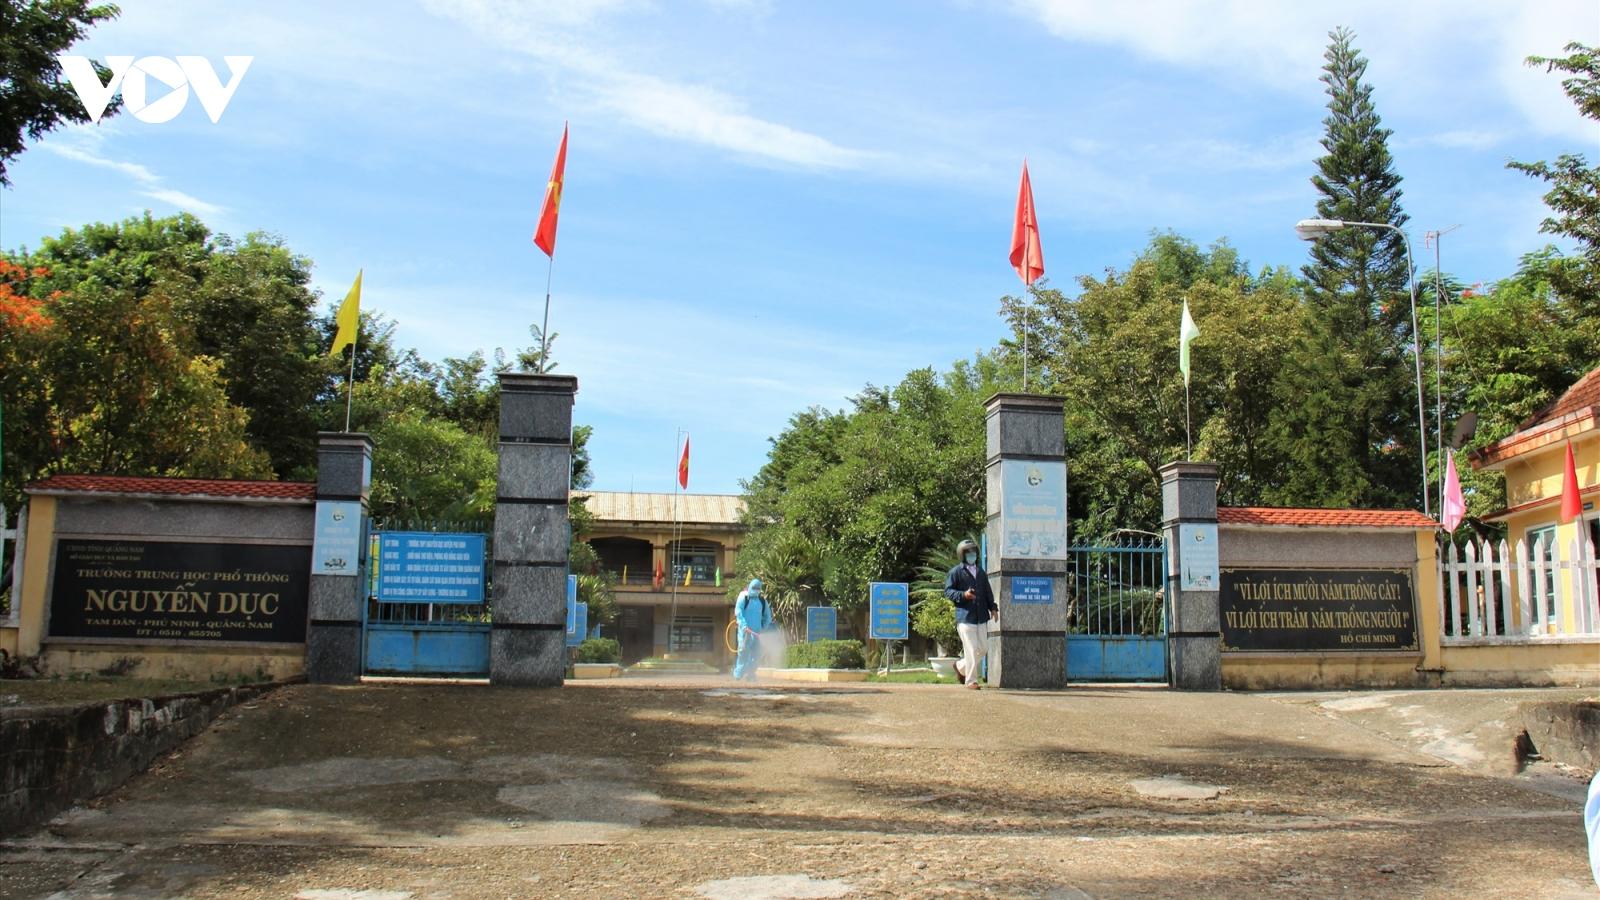 Quảng Nam cho học sinh nghỉ học từ 4/5 để phòng dịch Covid-19